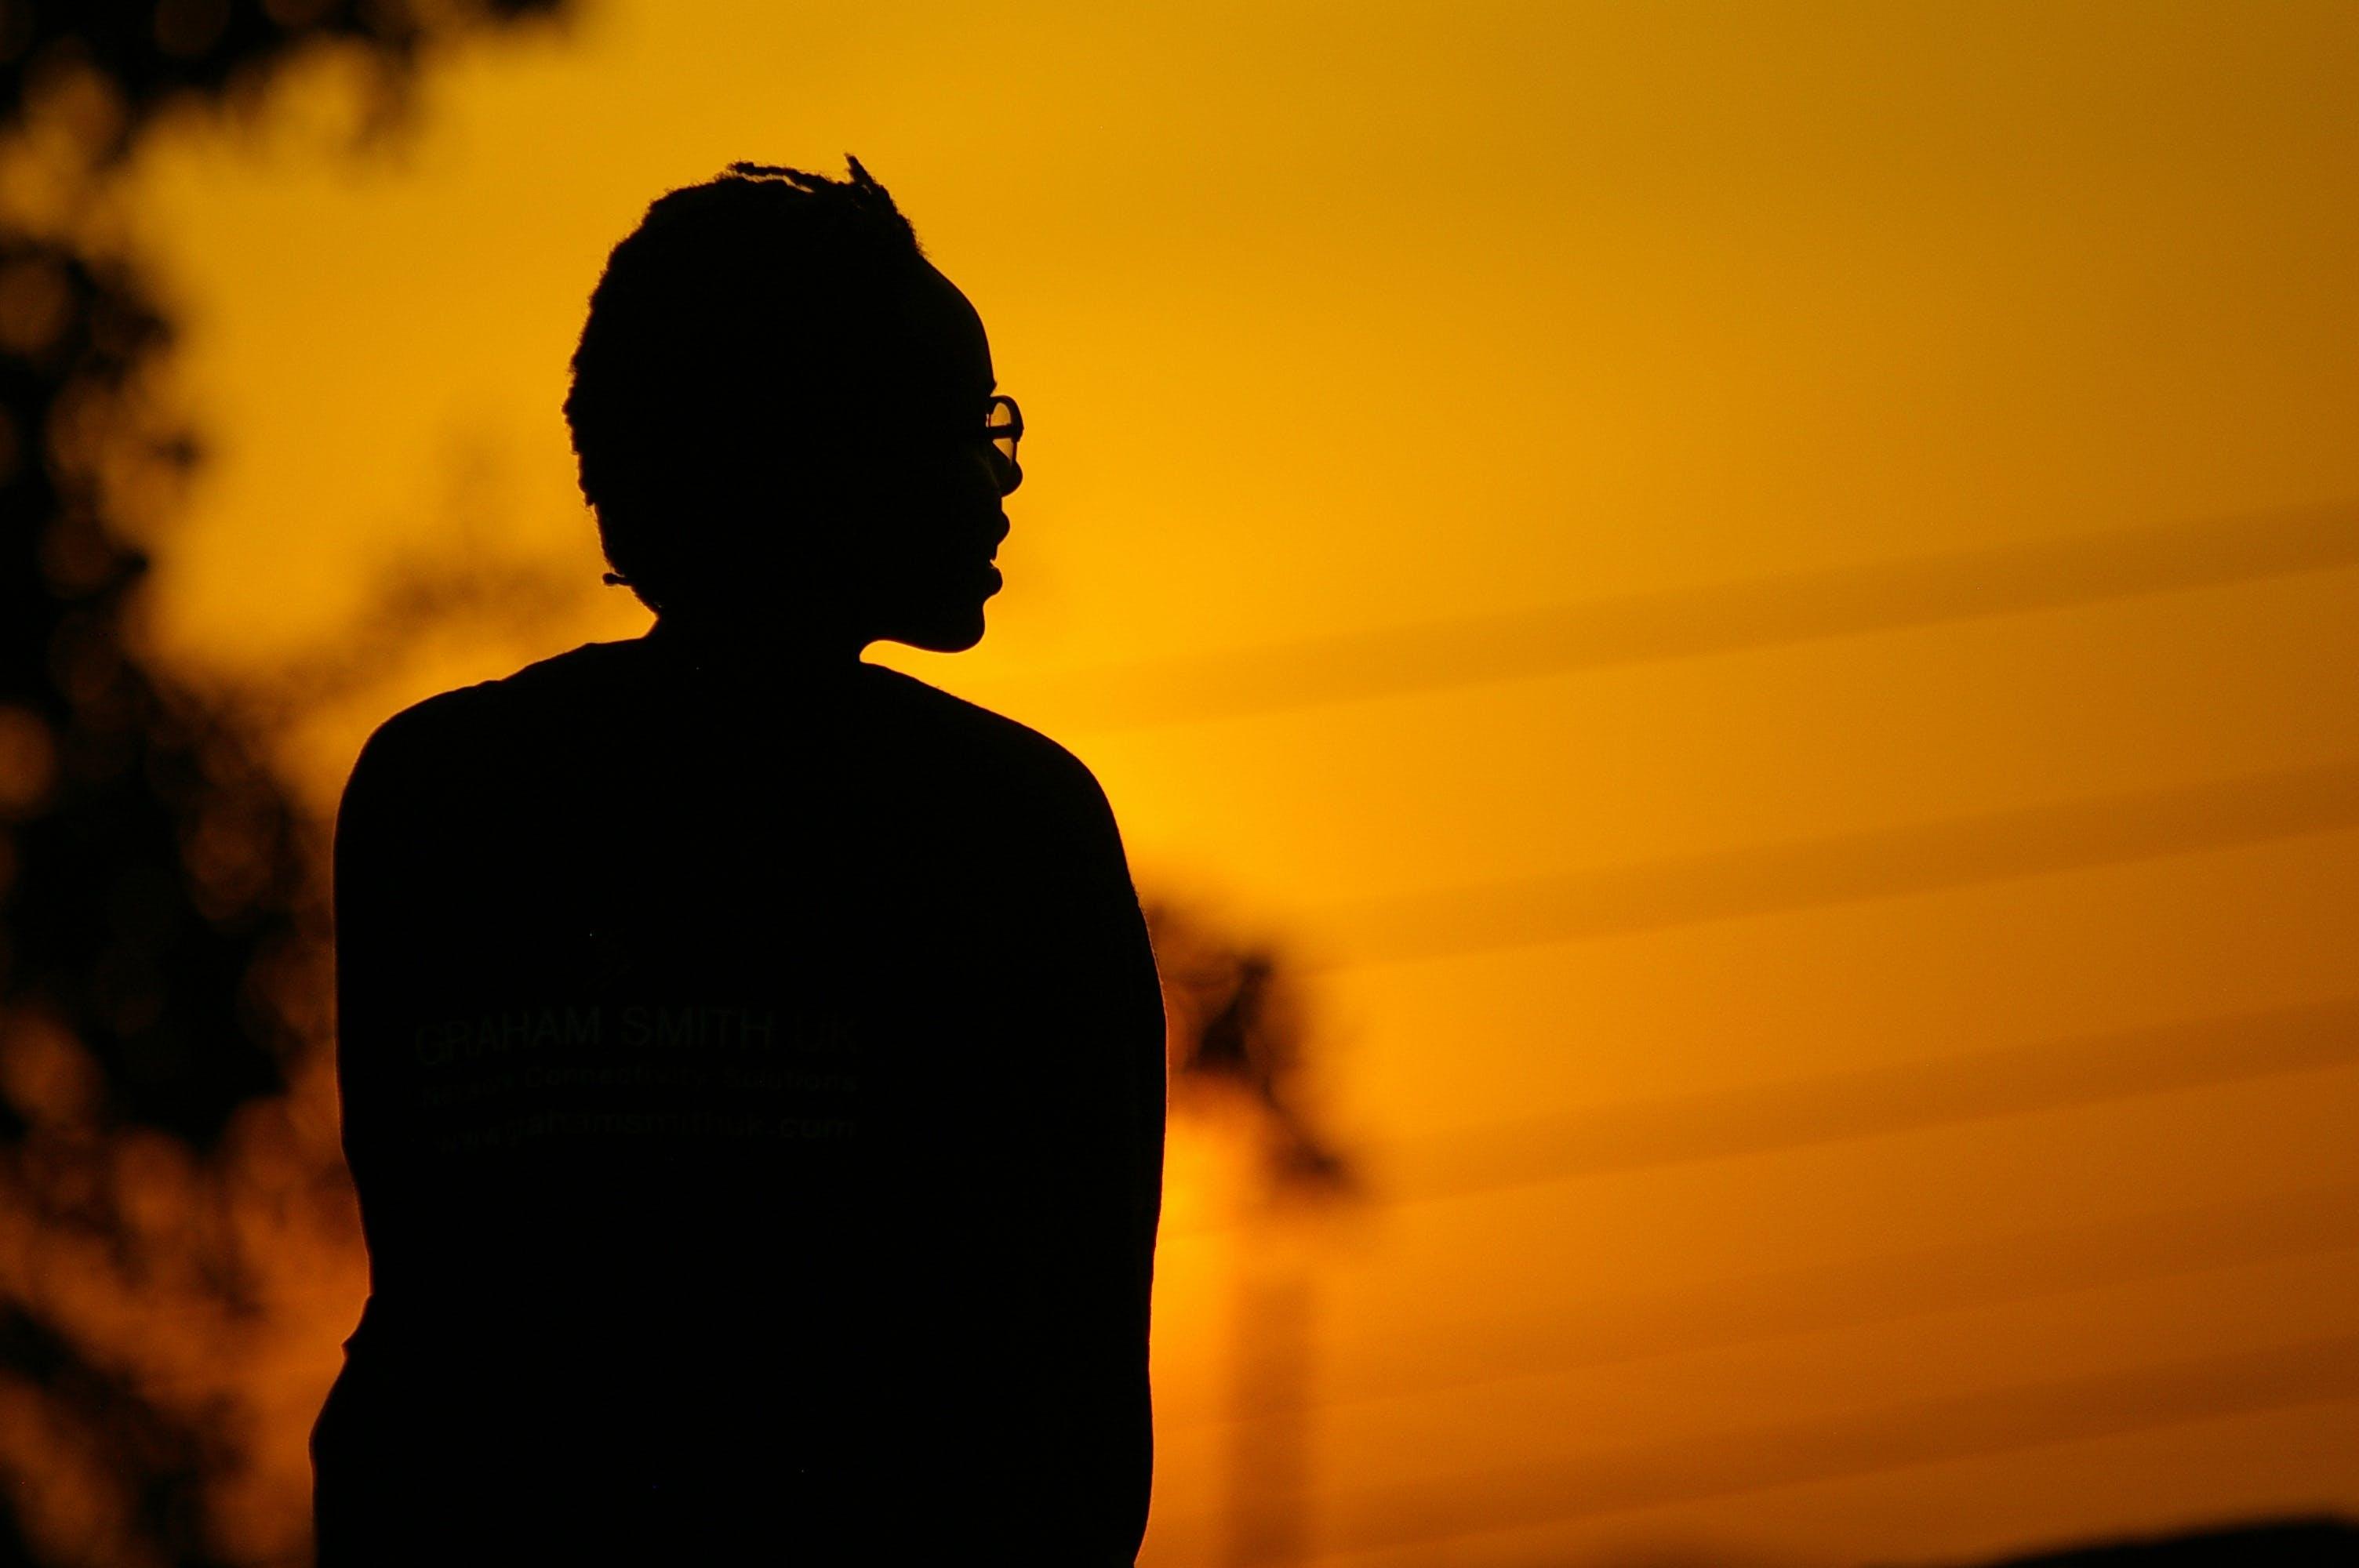 光, 天性, 女人, 女孩 的 免费素材照片